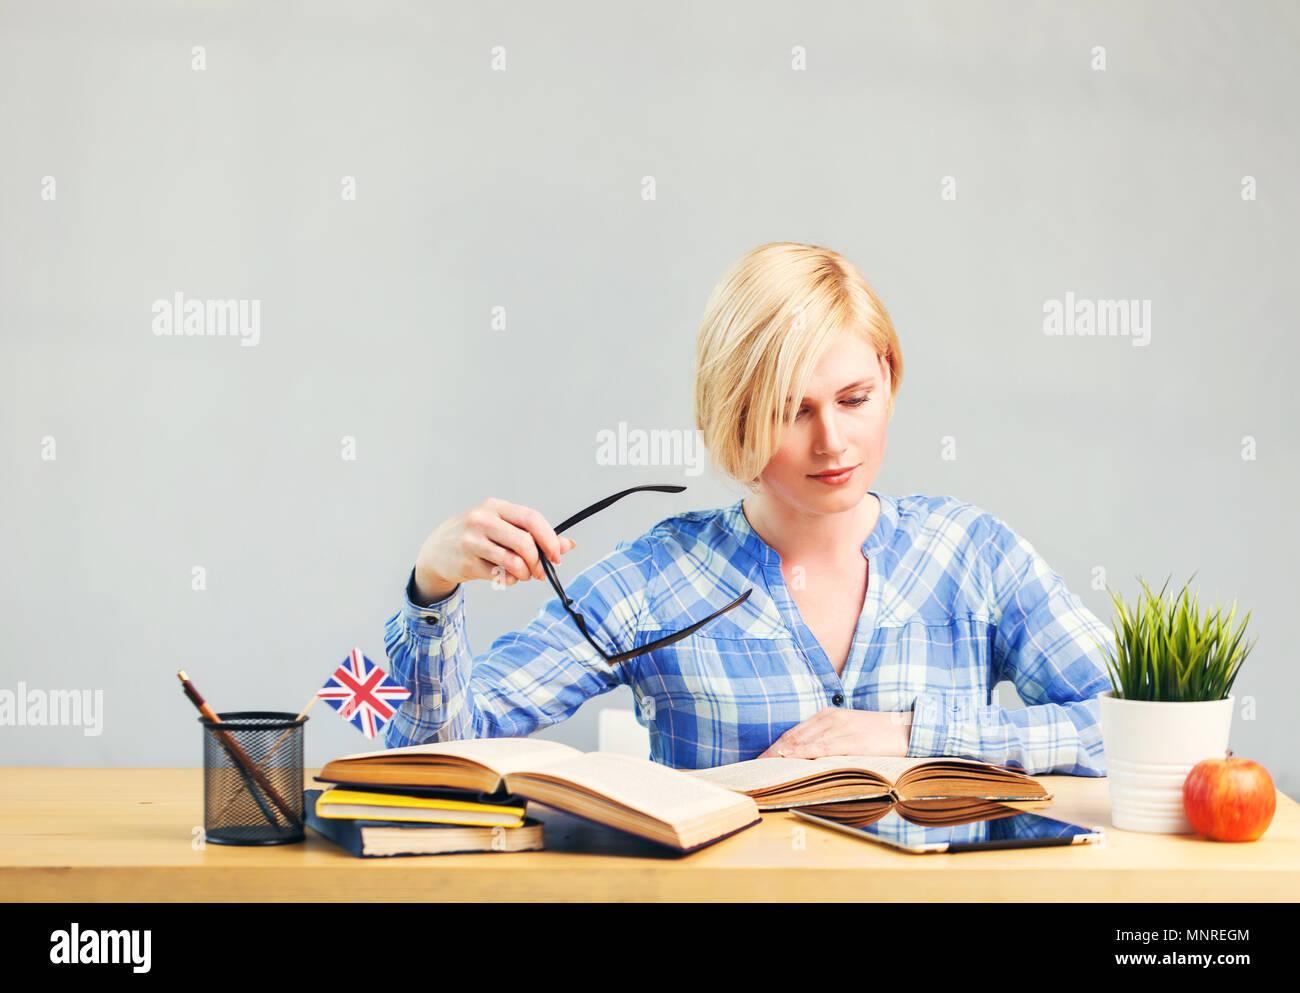 Smart étudiante, blonde femme détient les lunettes à la main, l'étude de la langue anglaise sur la table avec des livres, la réussite de l'apprentissage de concept Photo Stock